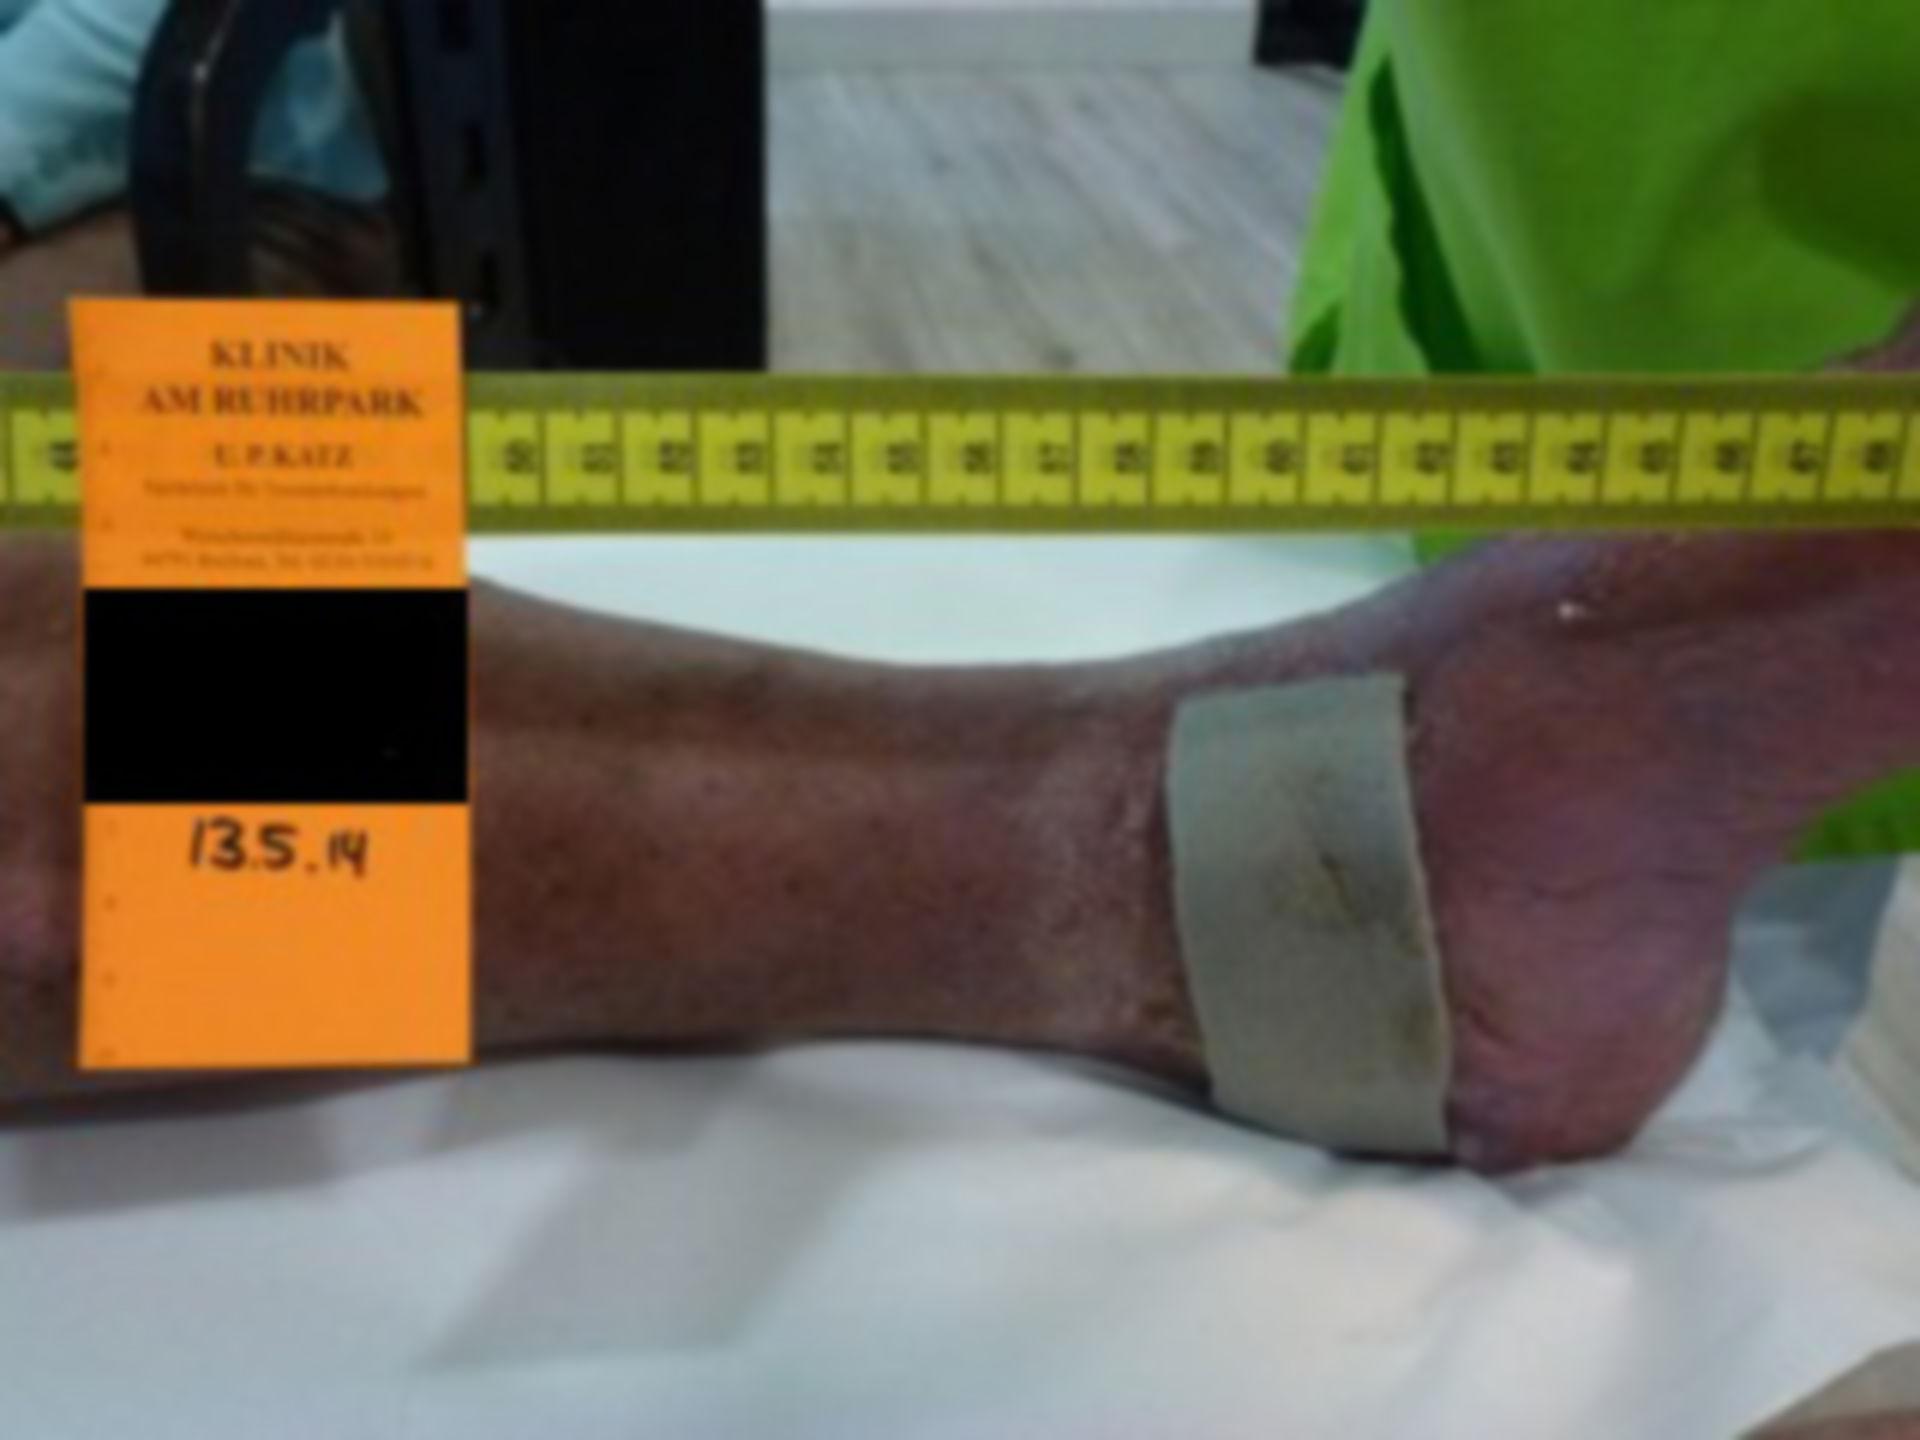 Úlcera de la pierna 10513 - abierta por 2 años